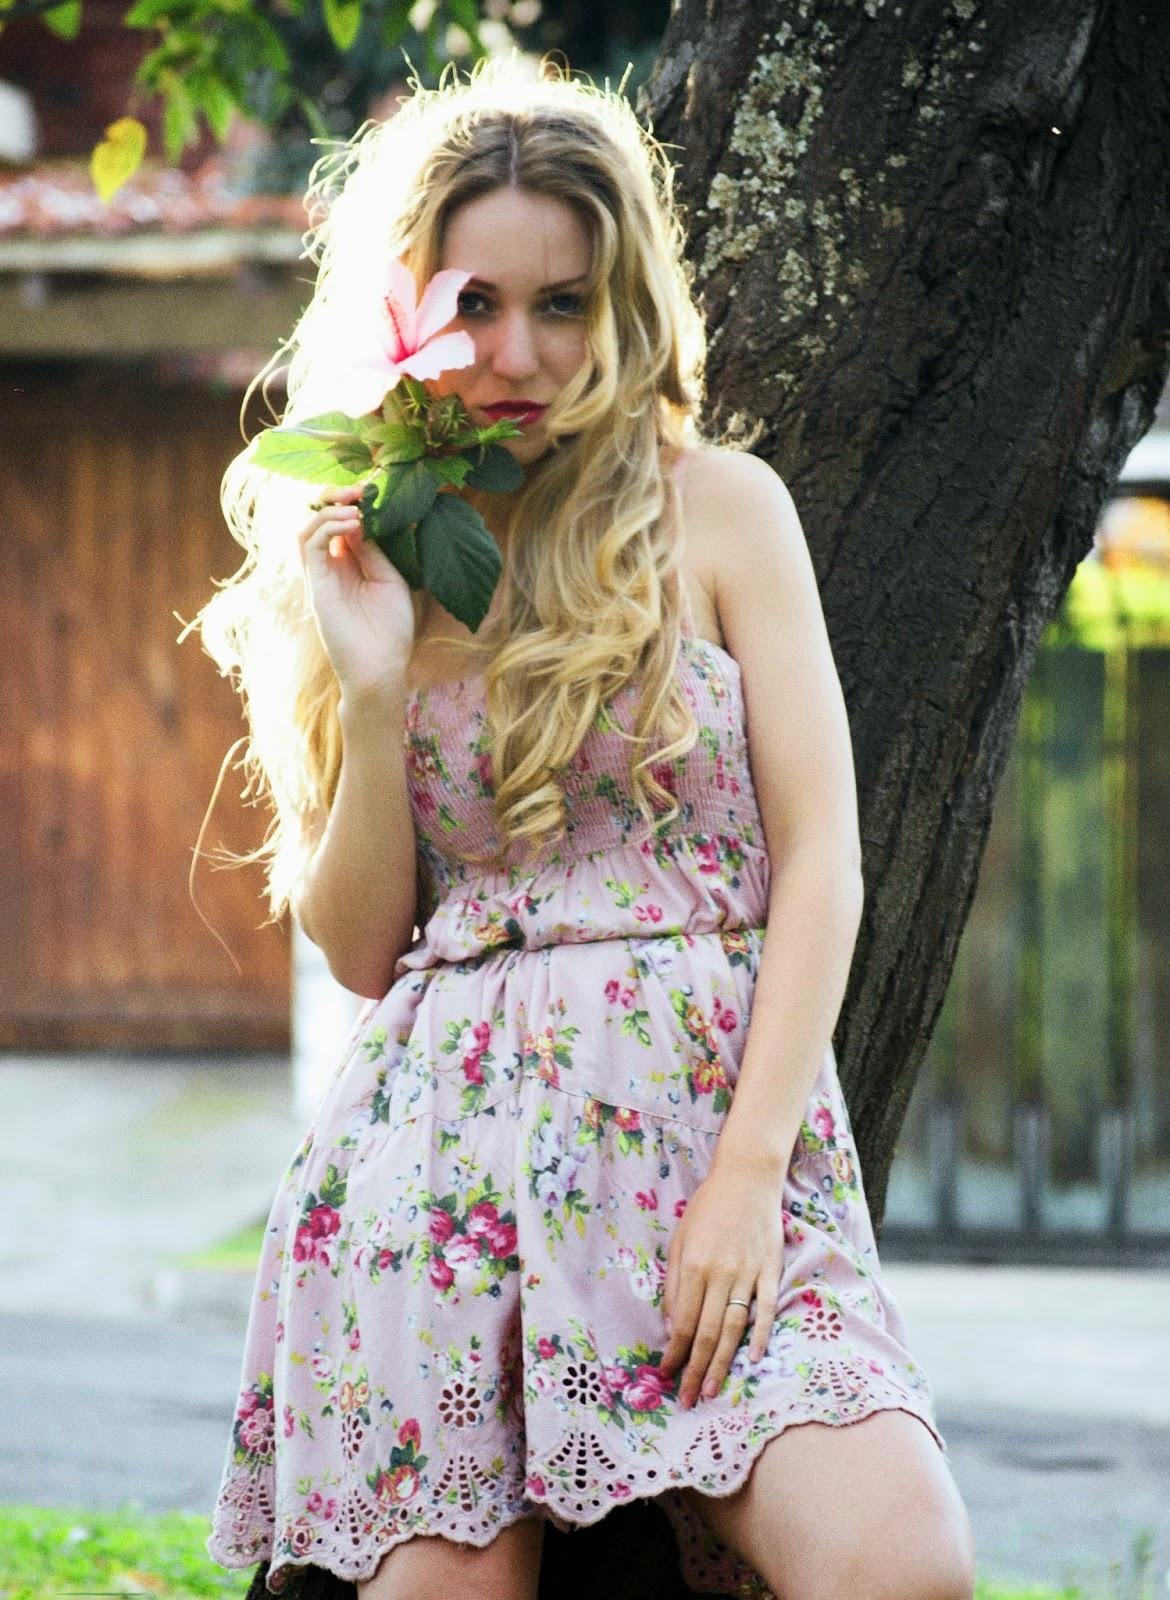 Alisa gromova